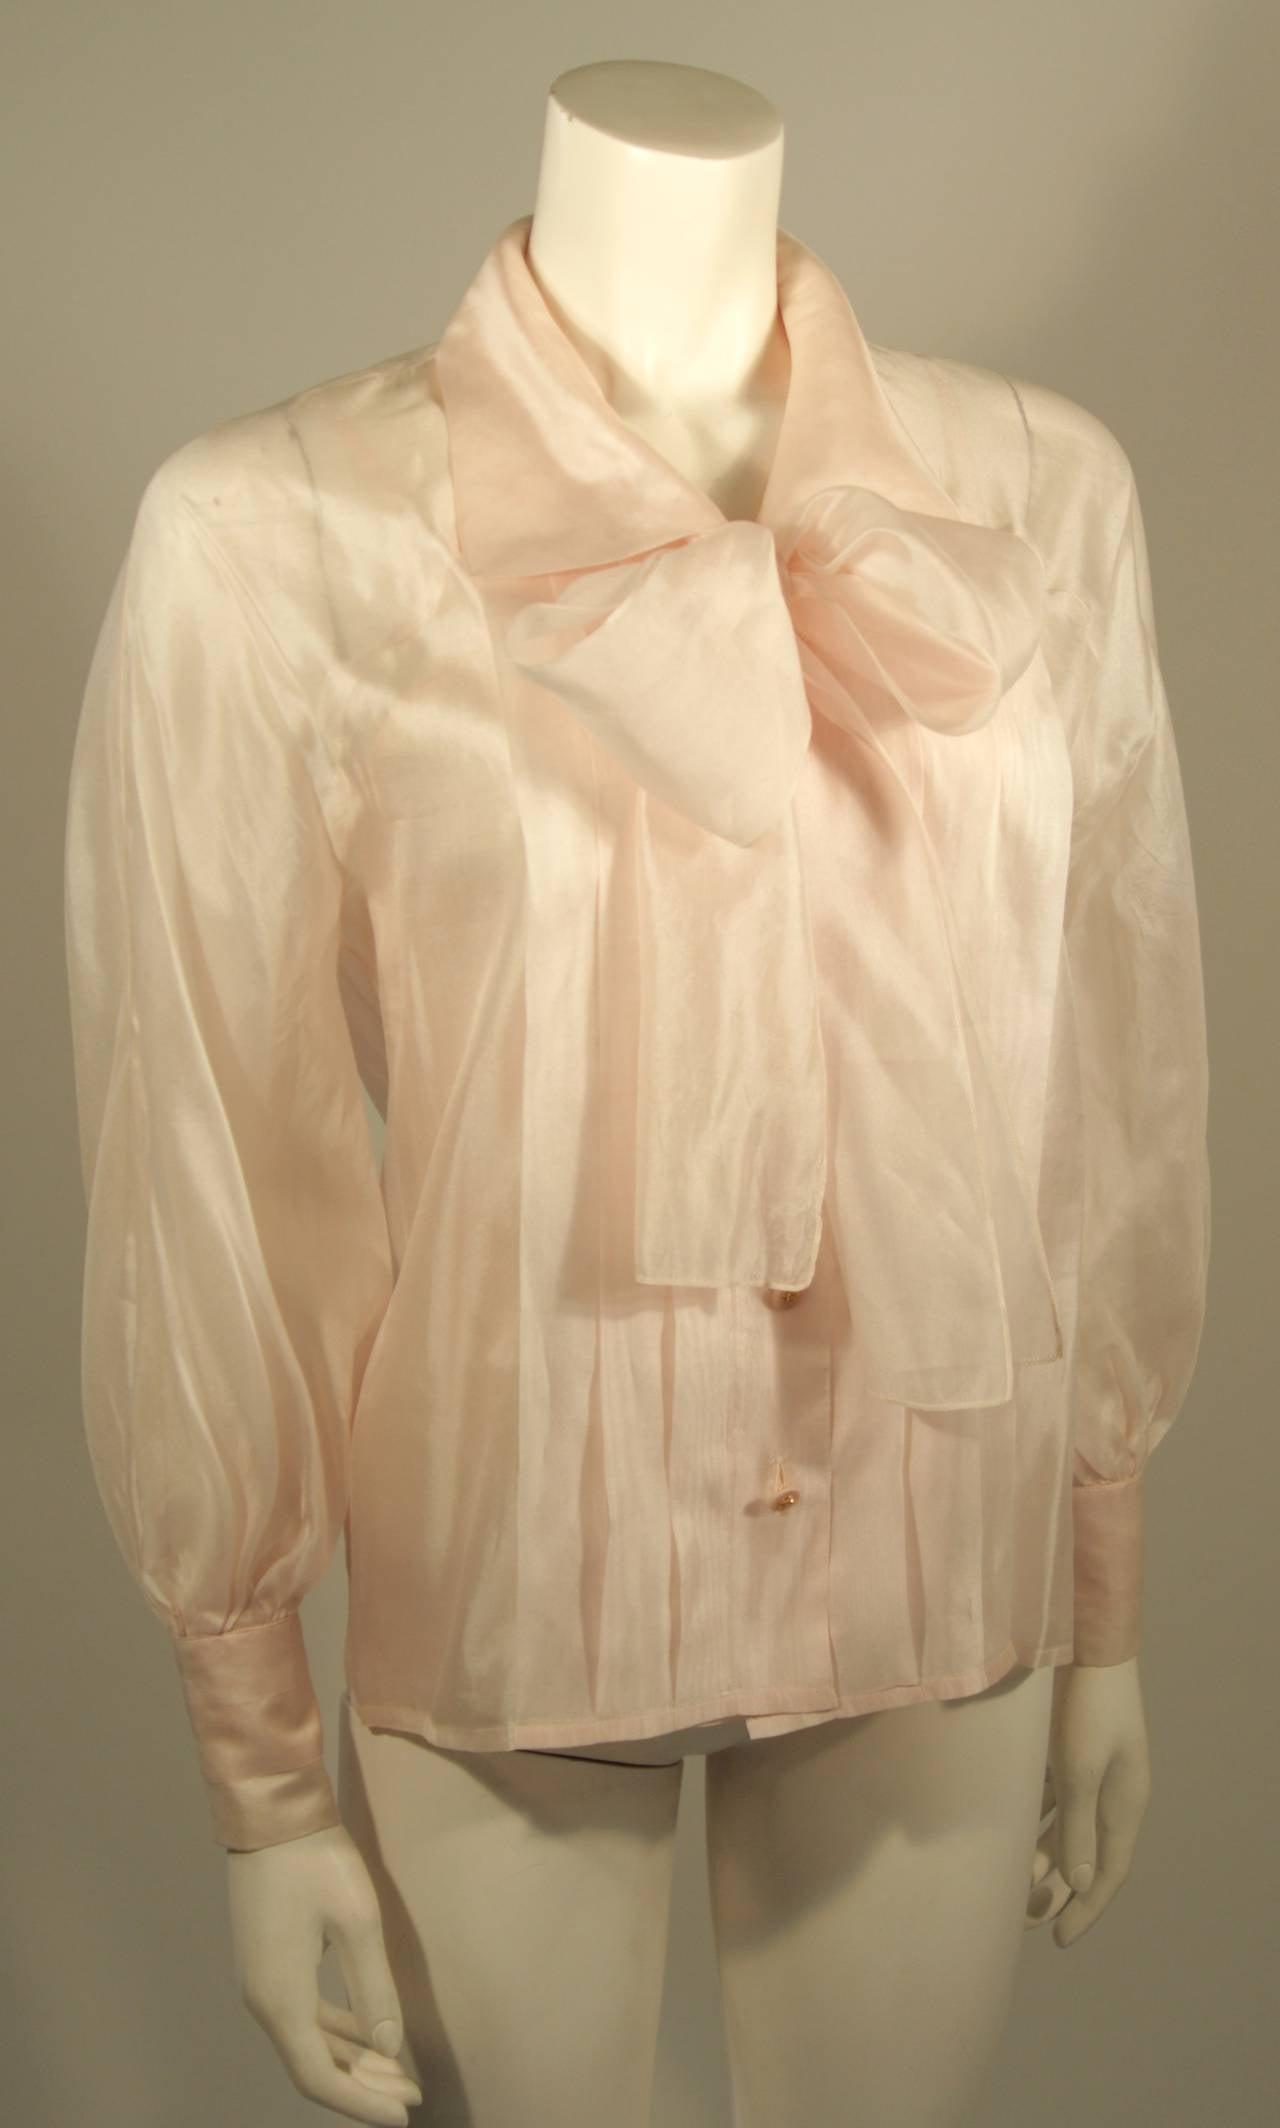 Chanel 3 Piece Pink Silk Organza Tie Neck Blouse & Camisole Set Size 36 4